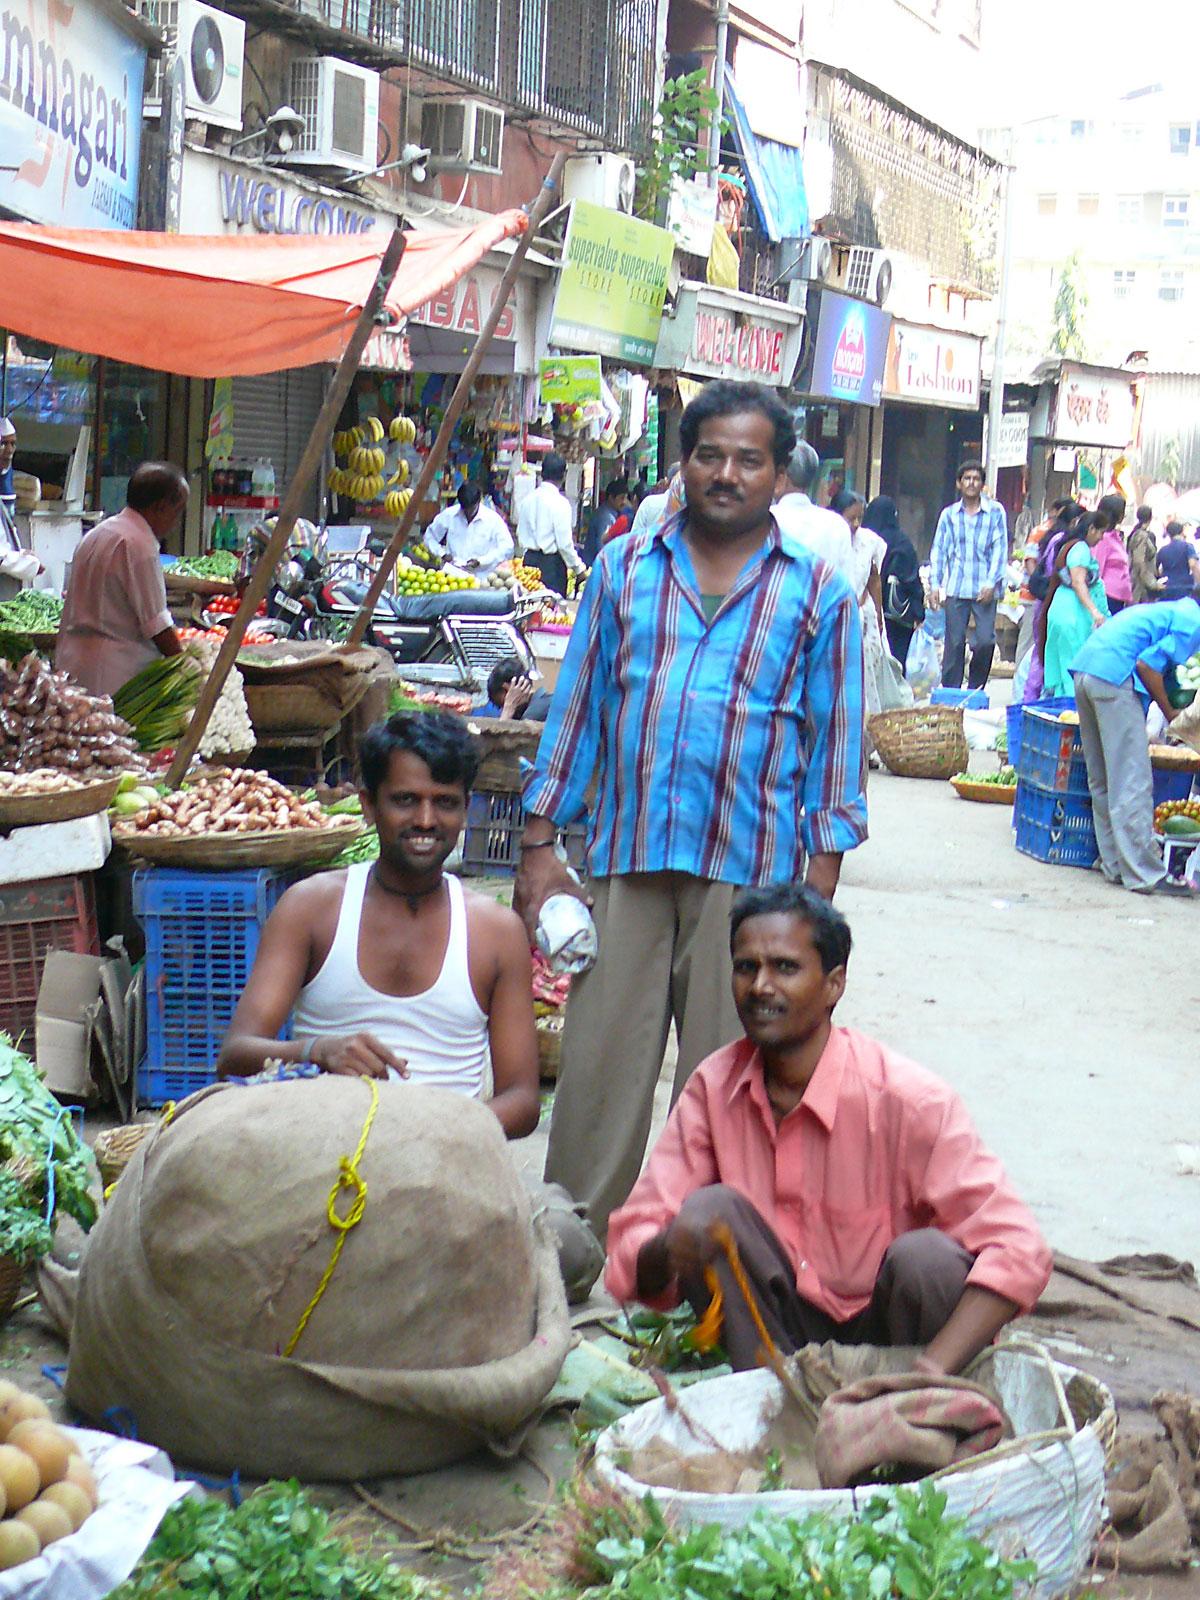 INDIEN MUMBAI Menschen Wohnen FINEST-onTour P1030464.jpg